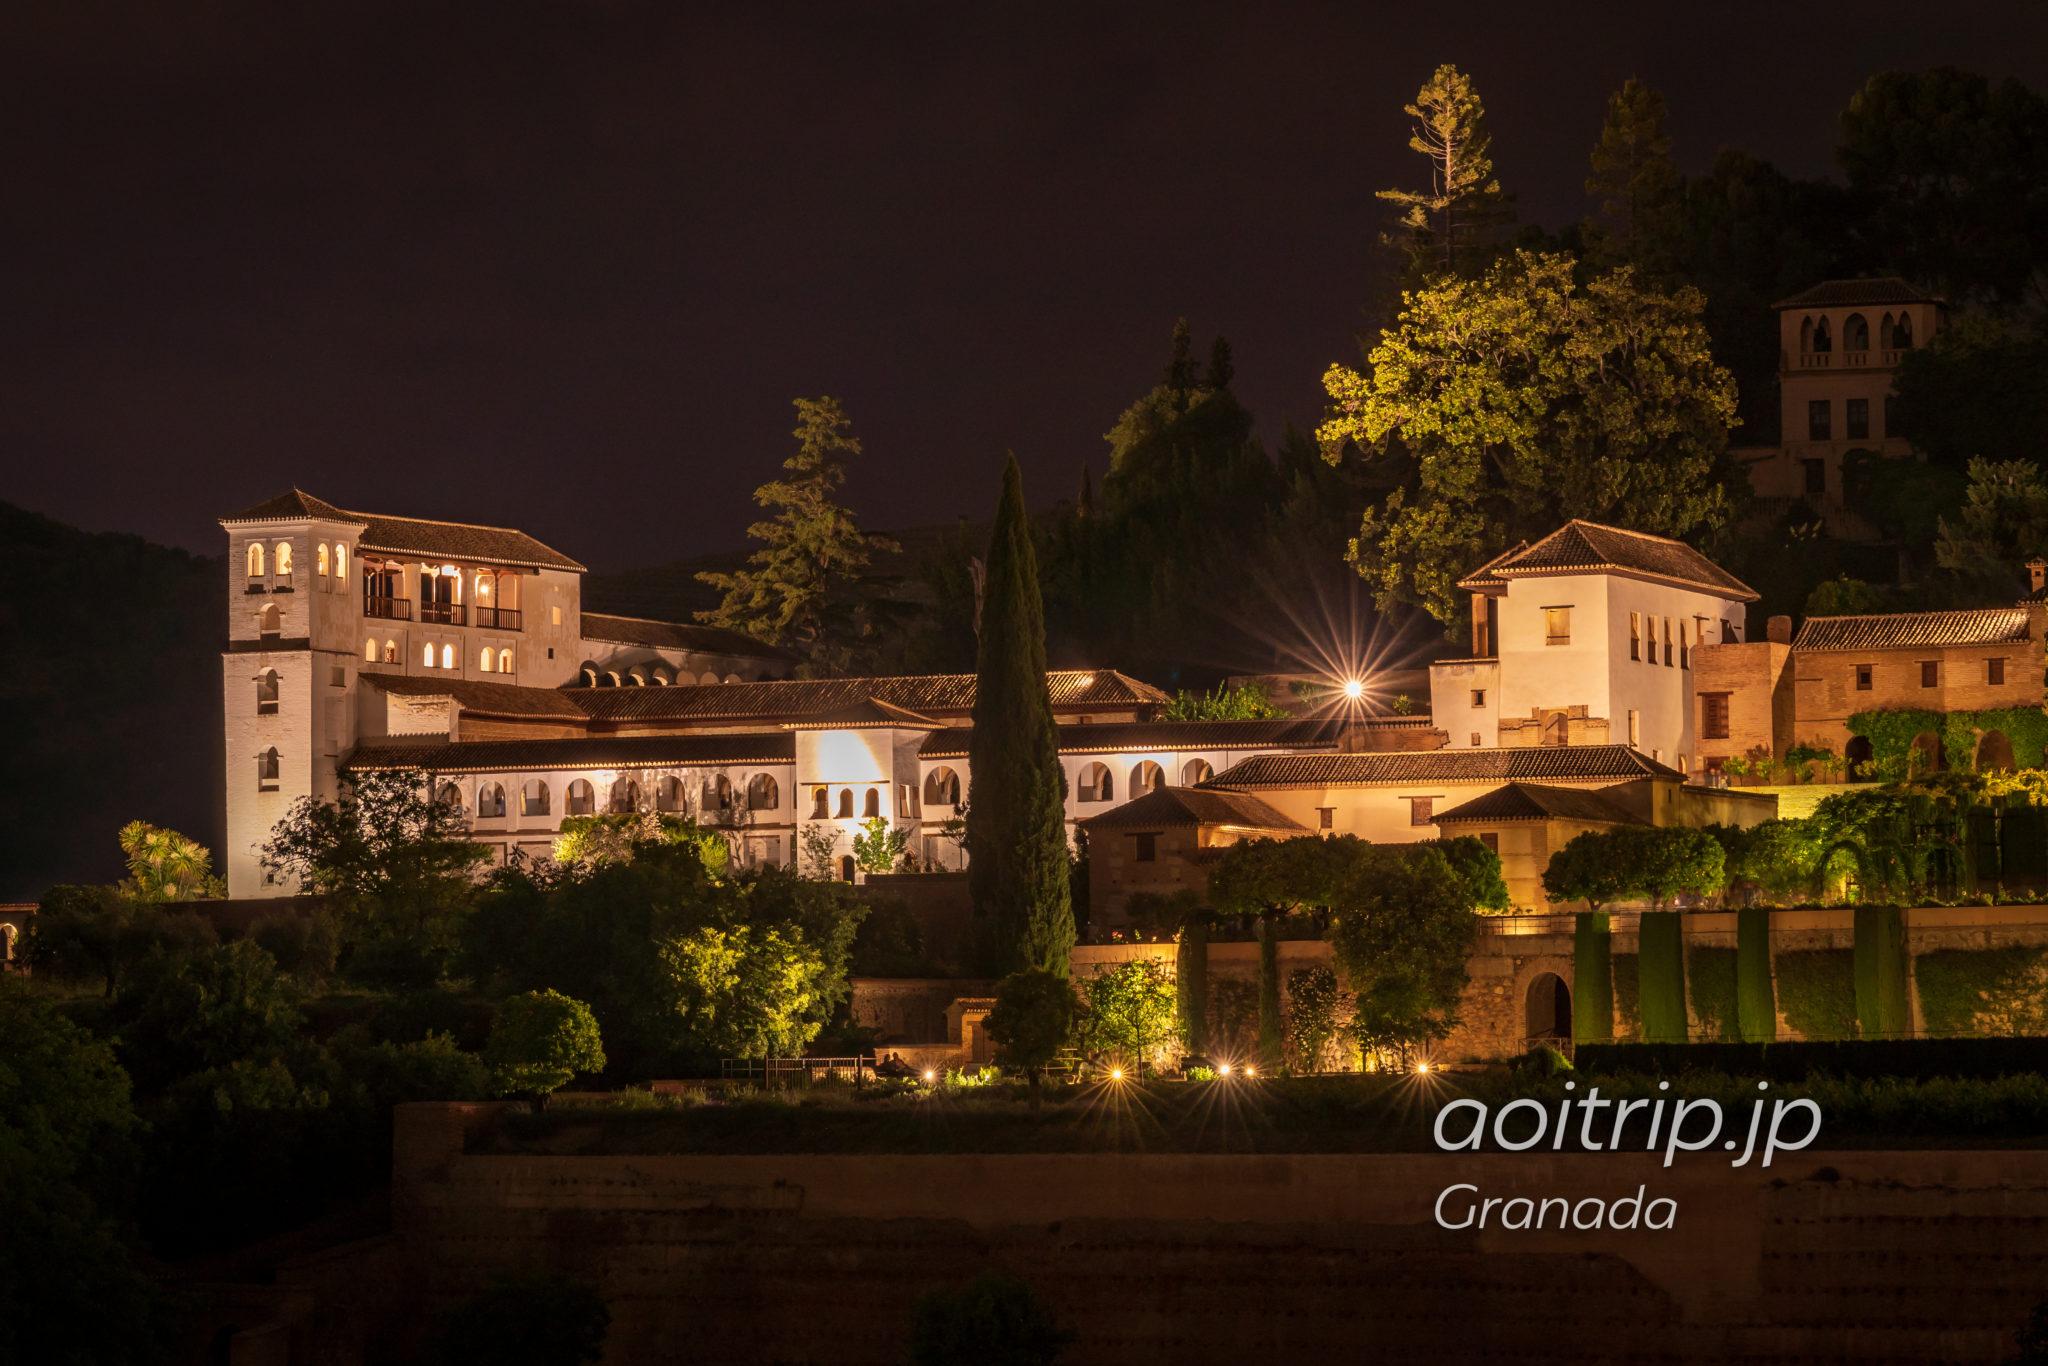 夜のアルハンブラ宮殿 ヘネラリフェGeneralife